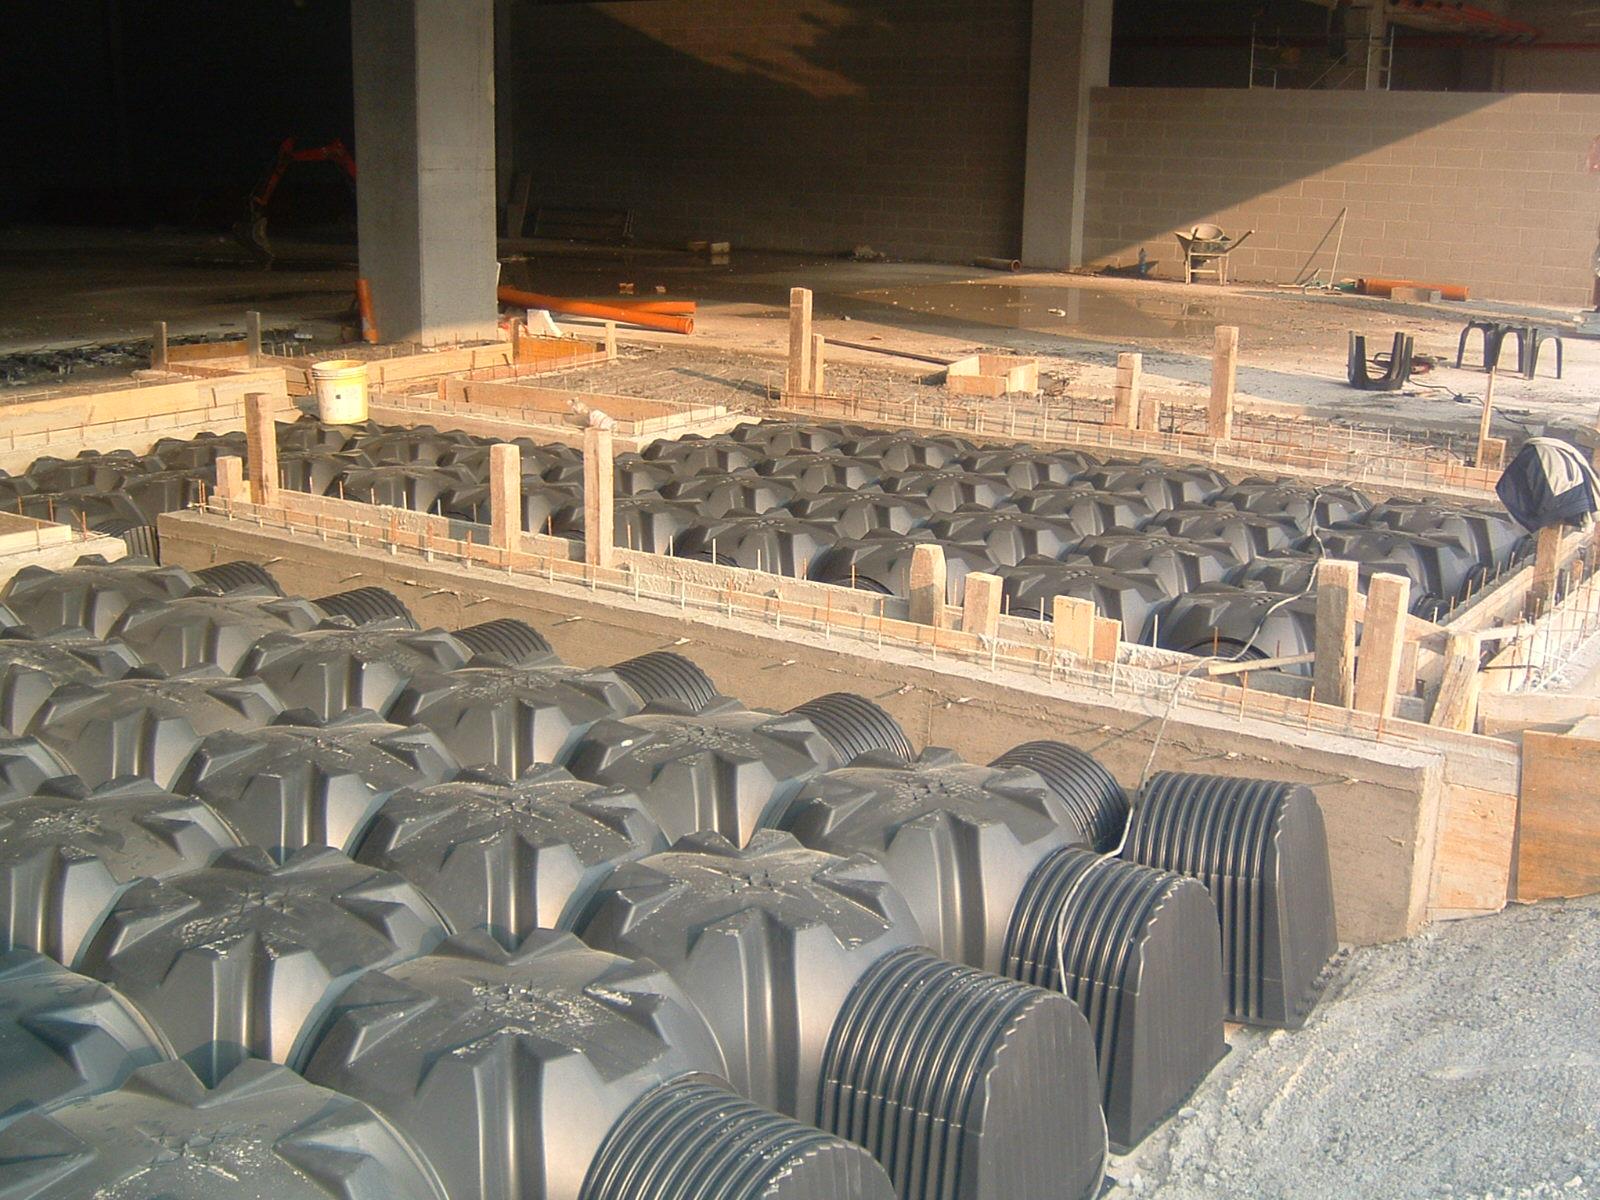 8. Alloggiamento di vespaio aerato con casseri iglu a perdere di materiale plastico: lavori in corso.